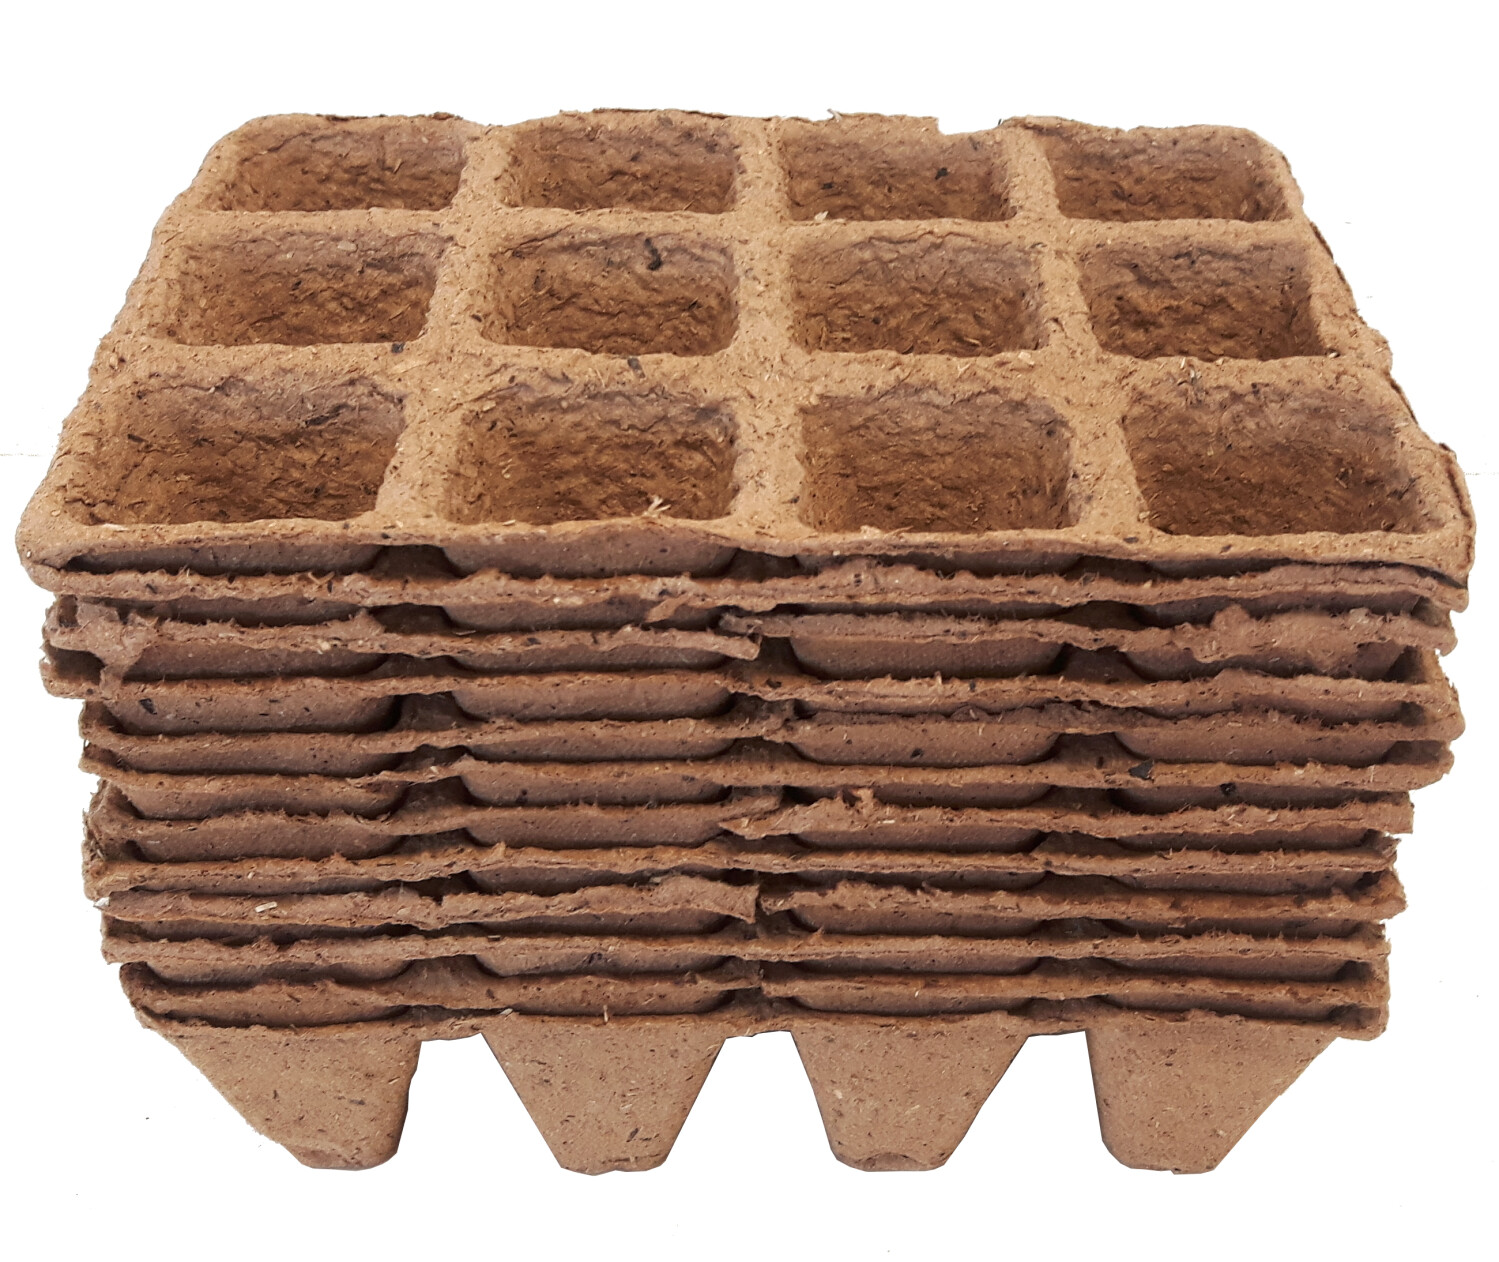 Vezelpotjes vierkant 5 x 5 cm biologisch afbreekbaar